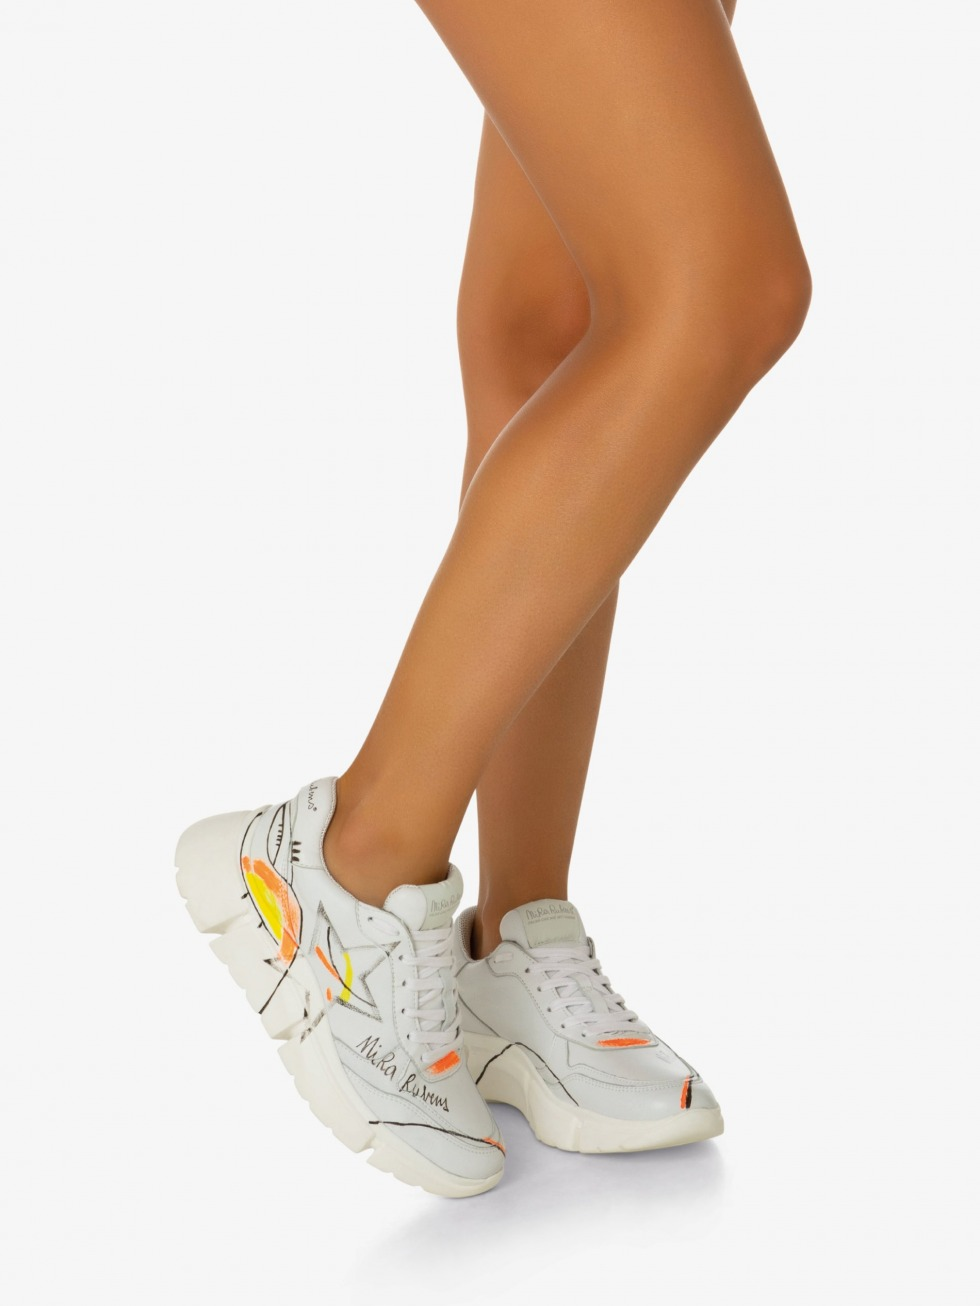 Stinger Chunky Sneakers - Art Star